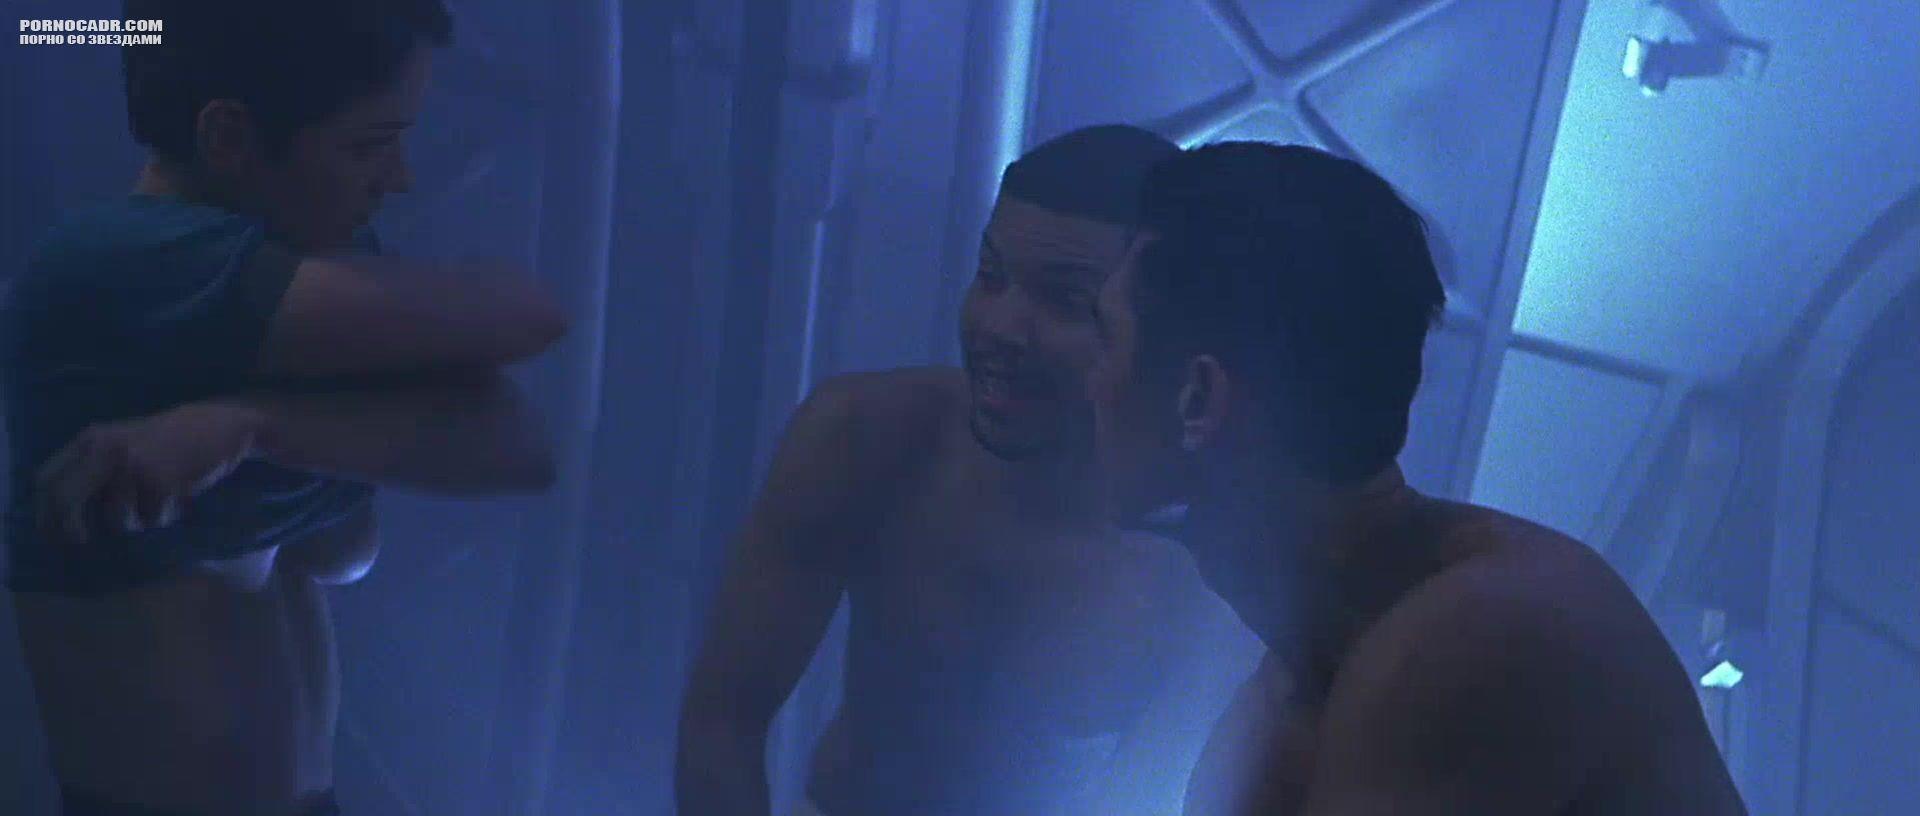 Angela bassett naked in thong, bra busting milfs